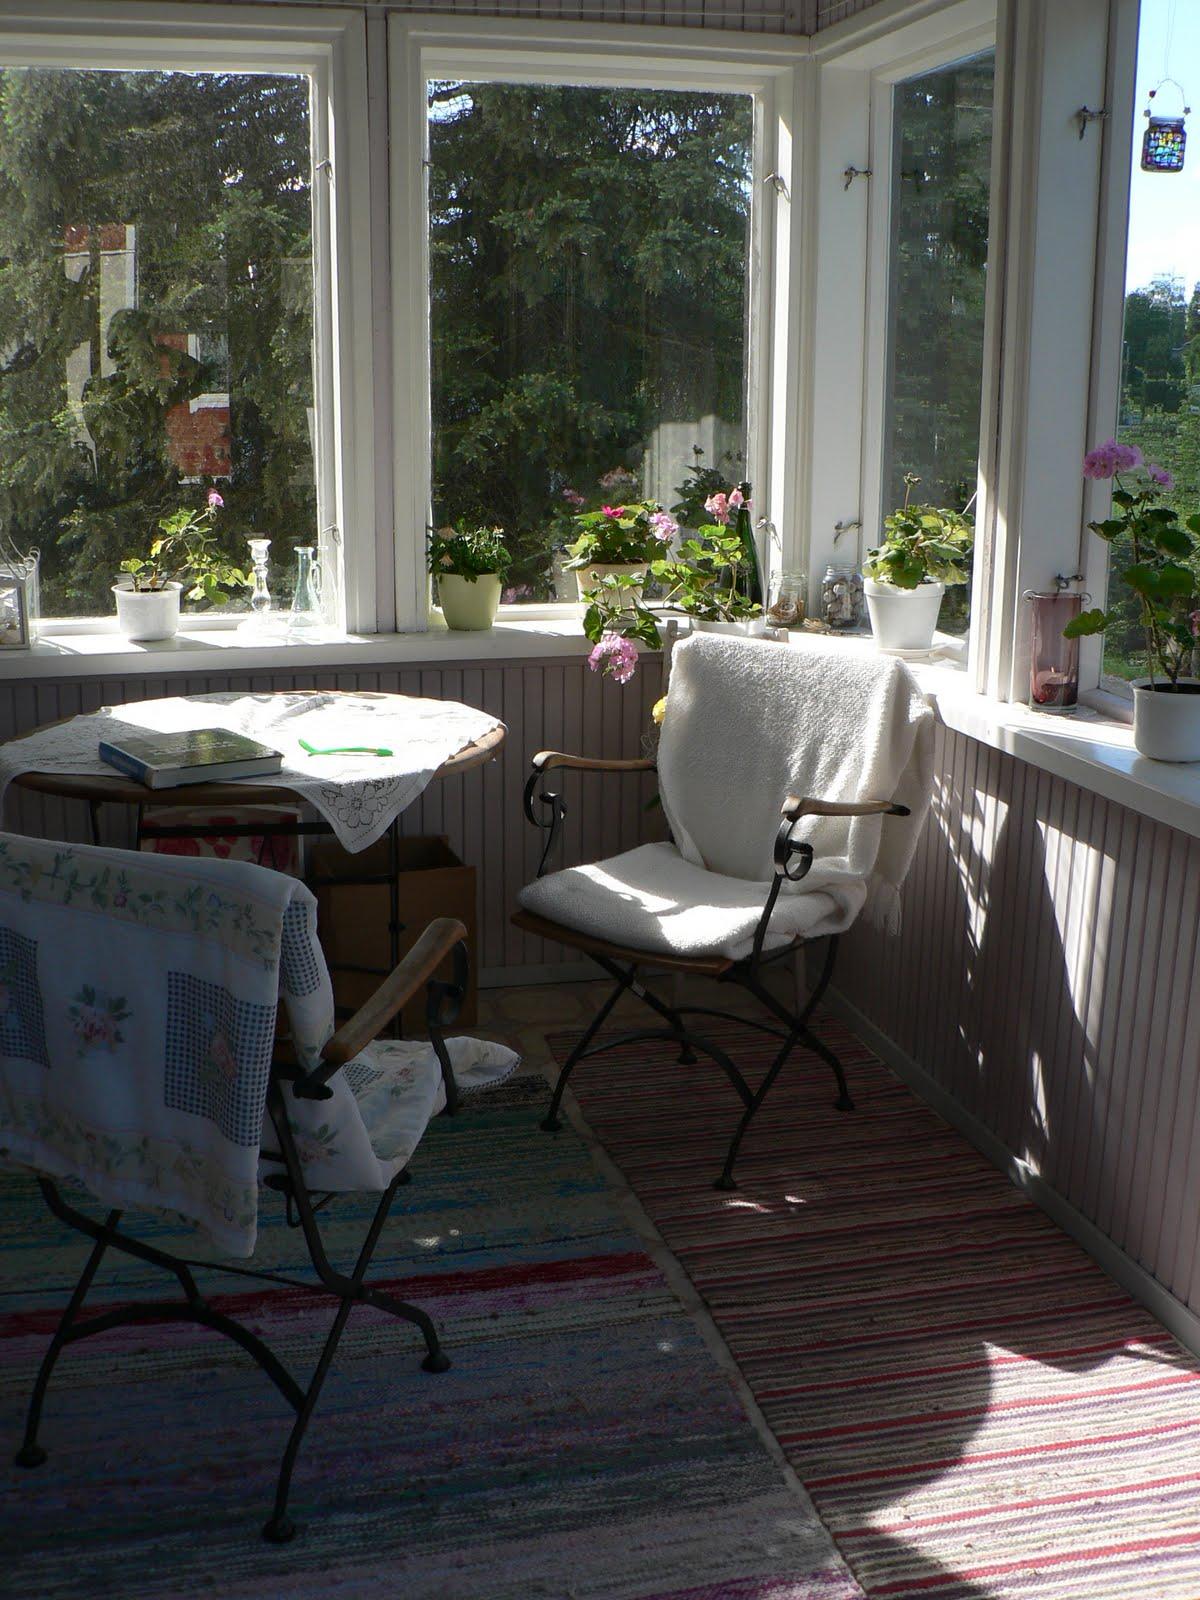 Rintamamiestalo veranta